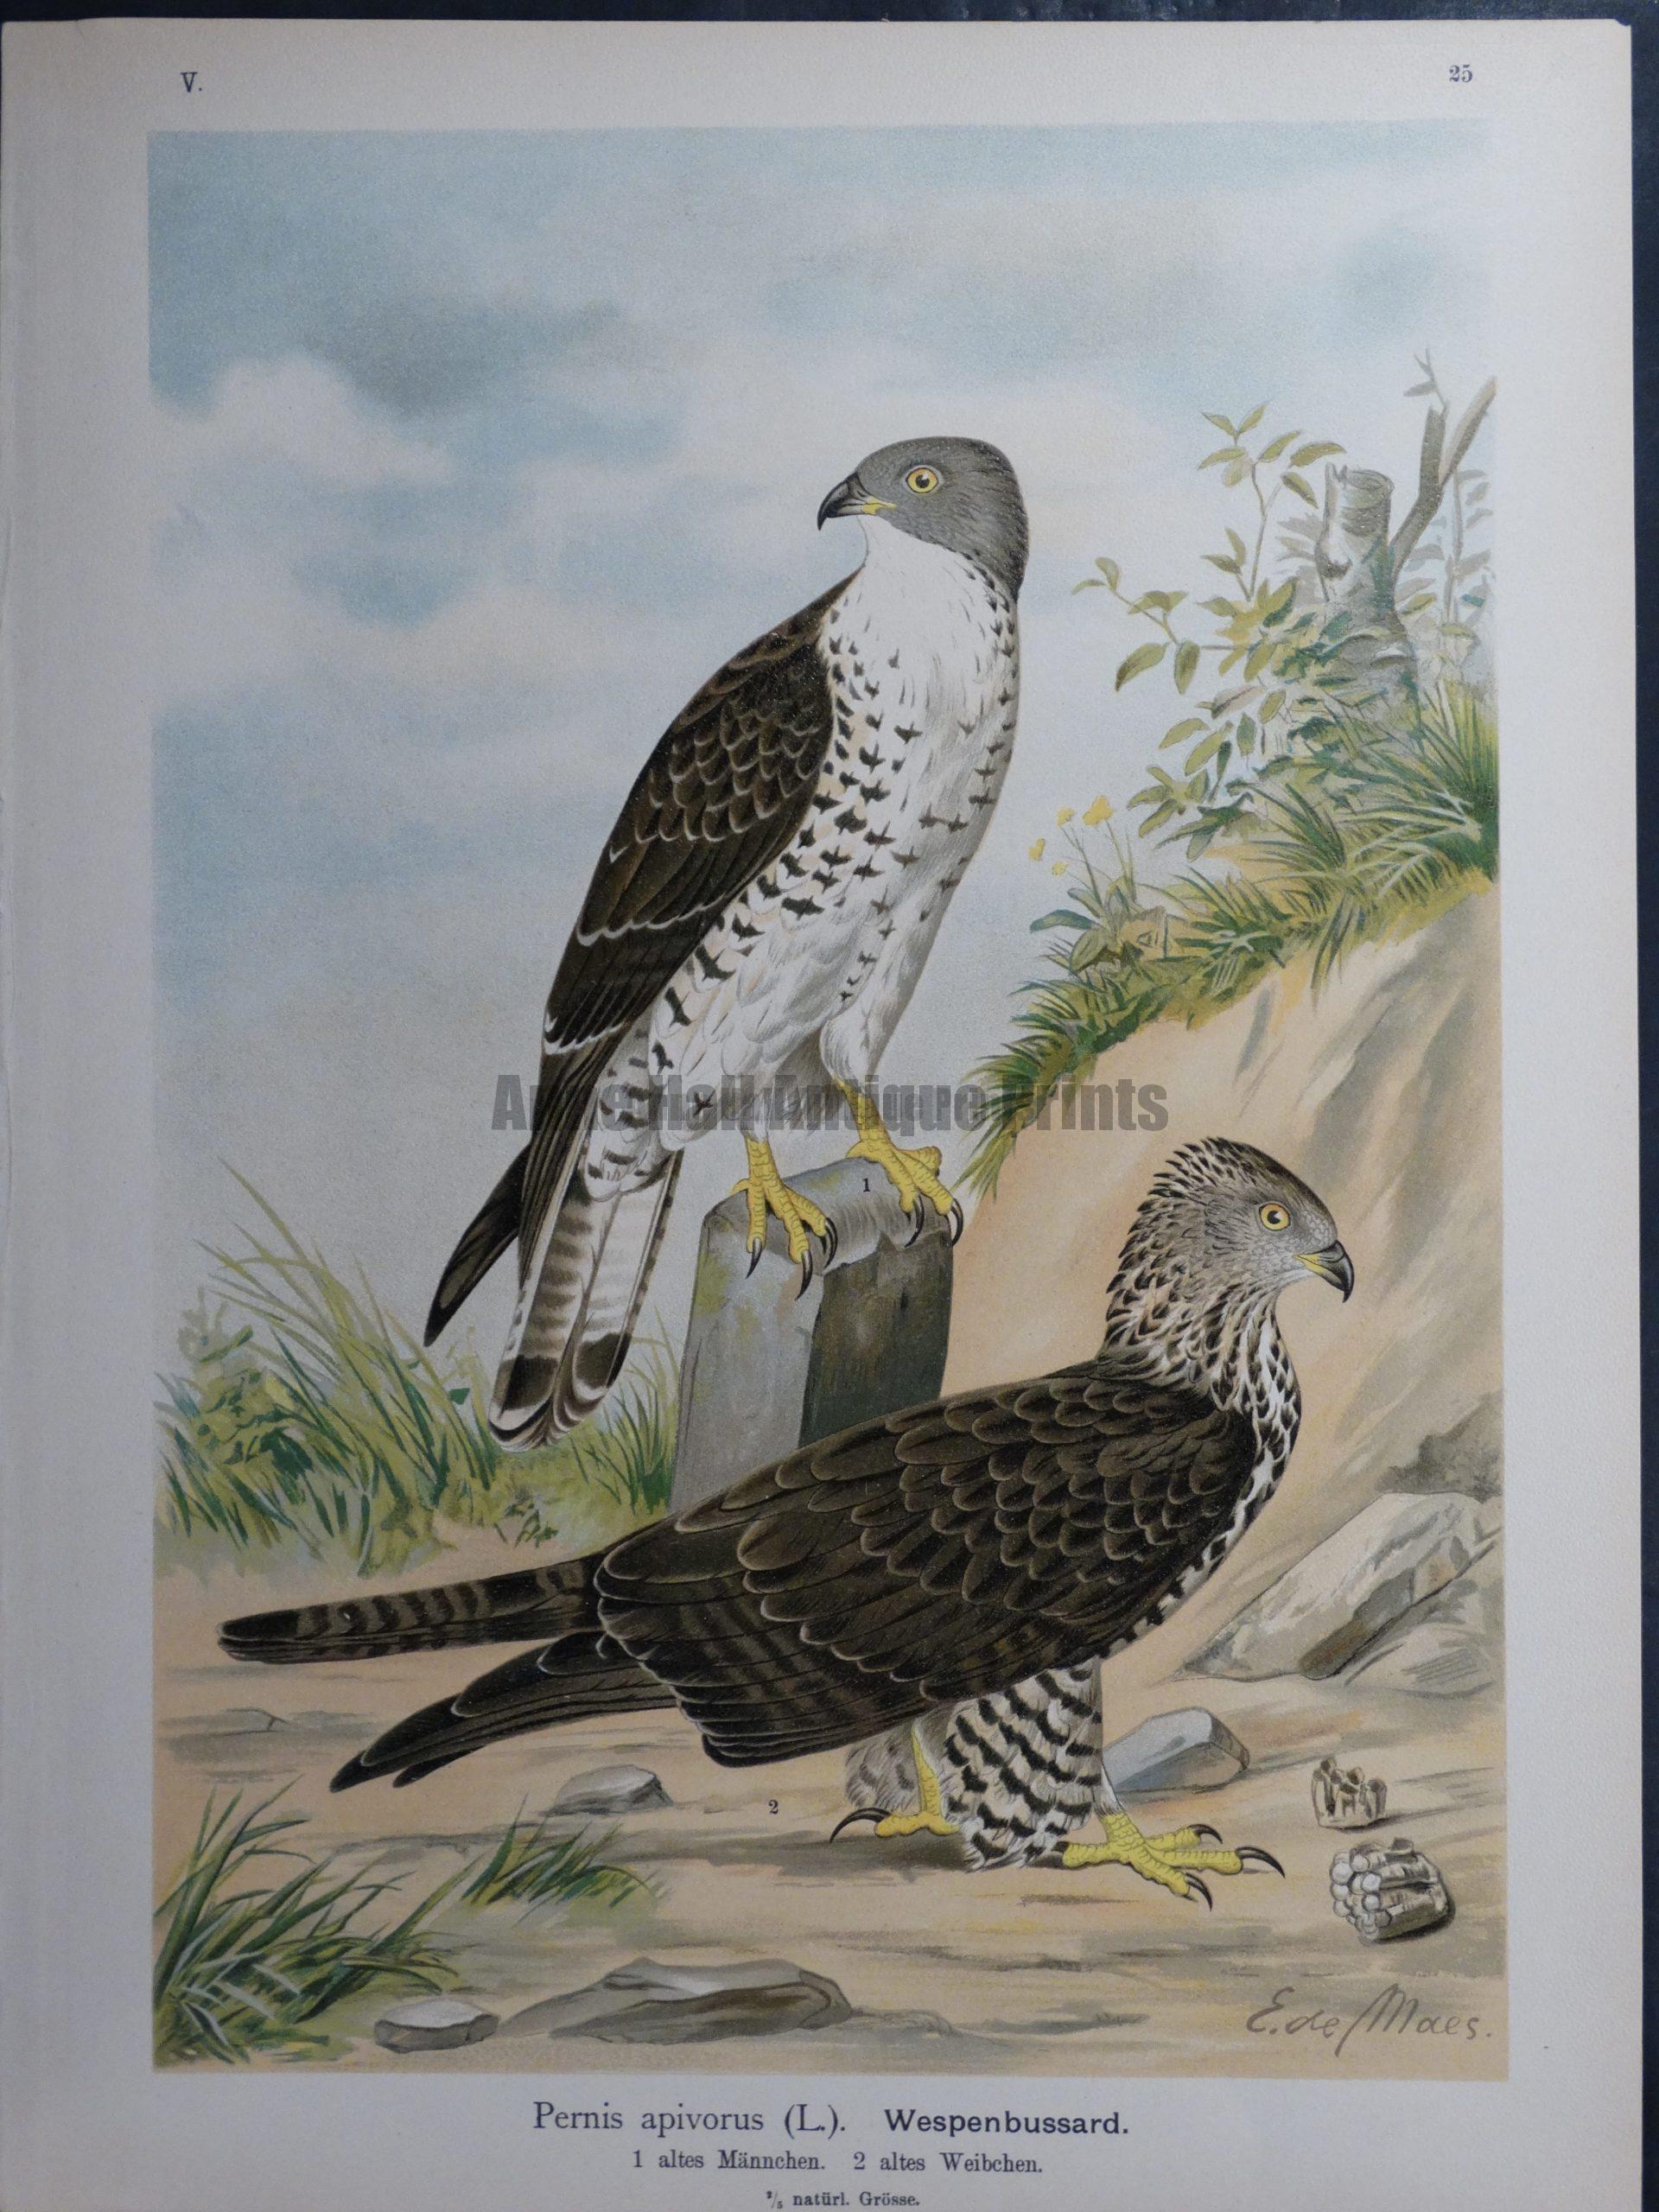 Pernis apivorus, 1895